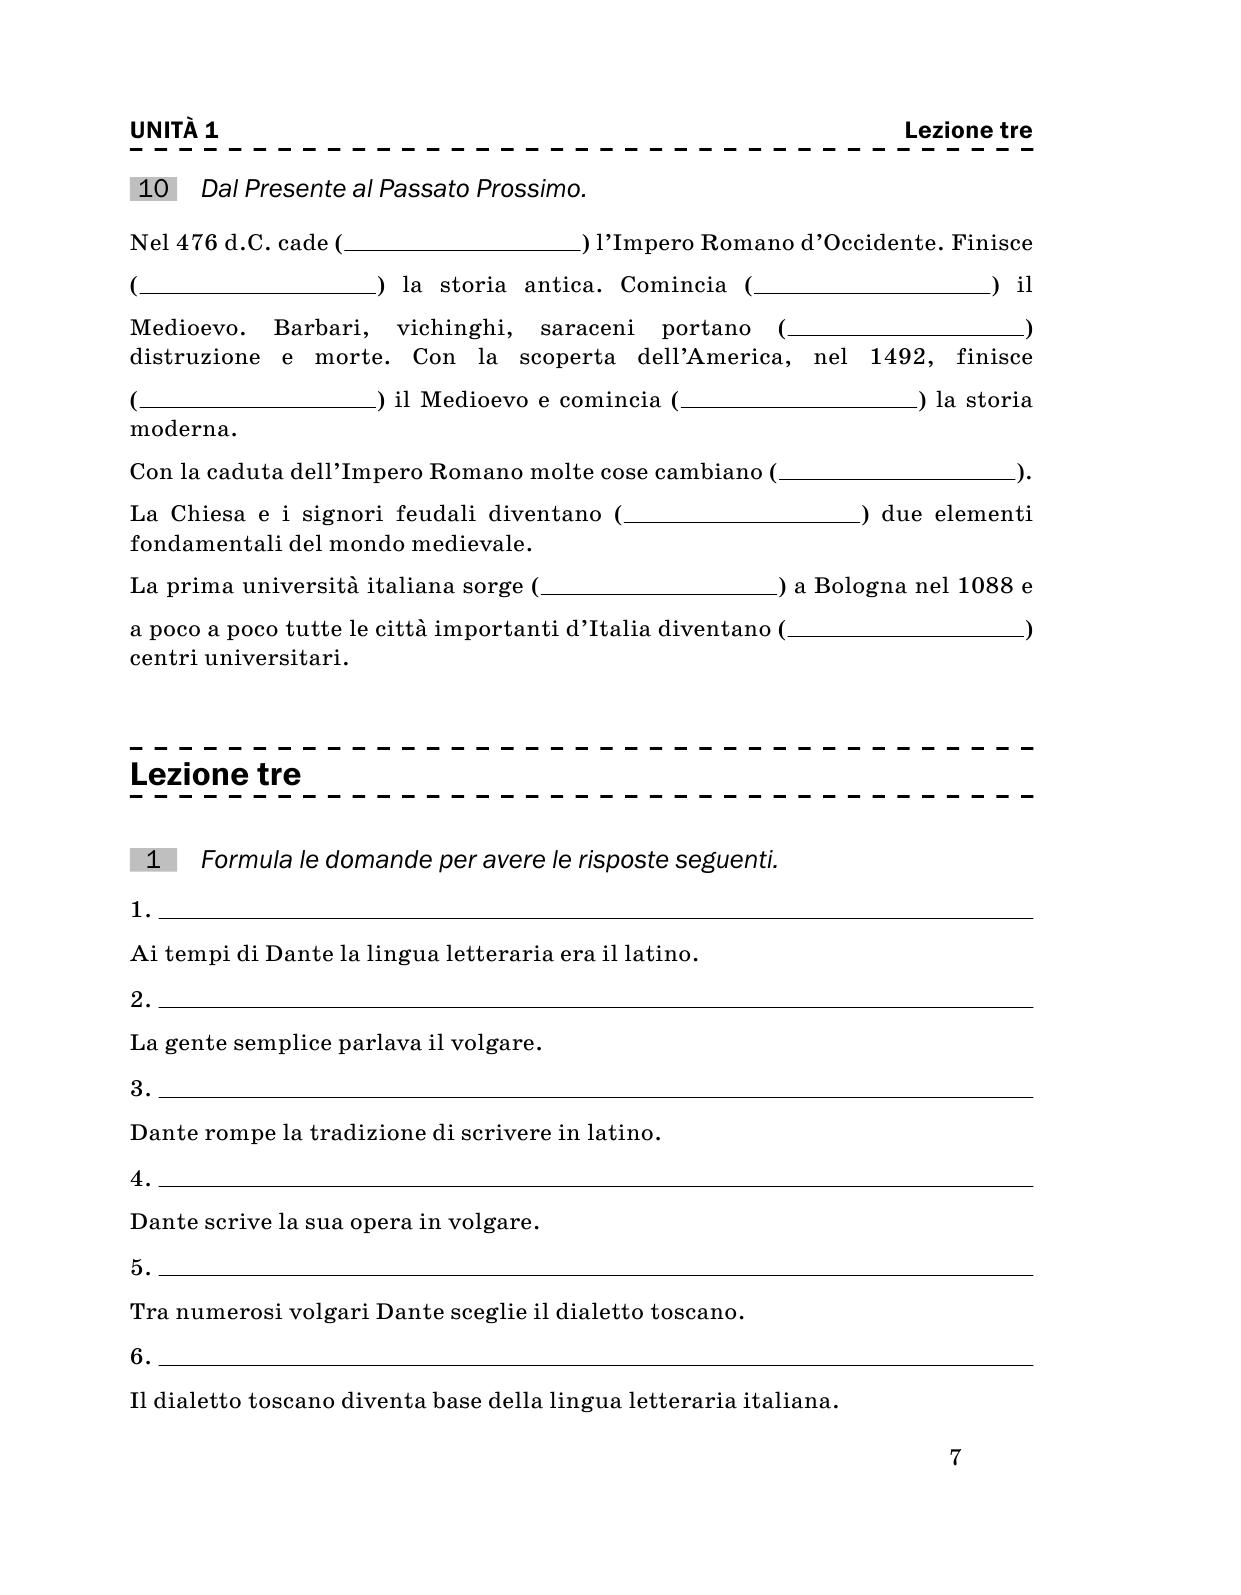 Итальянский язык. Второй иностранный язык. 8 класс. Рабочая тетрадь. - страница 6